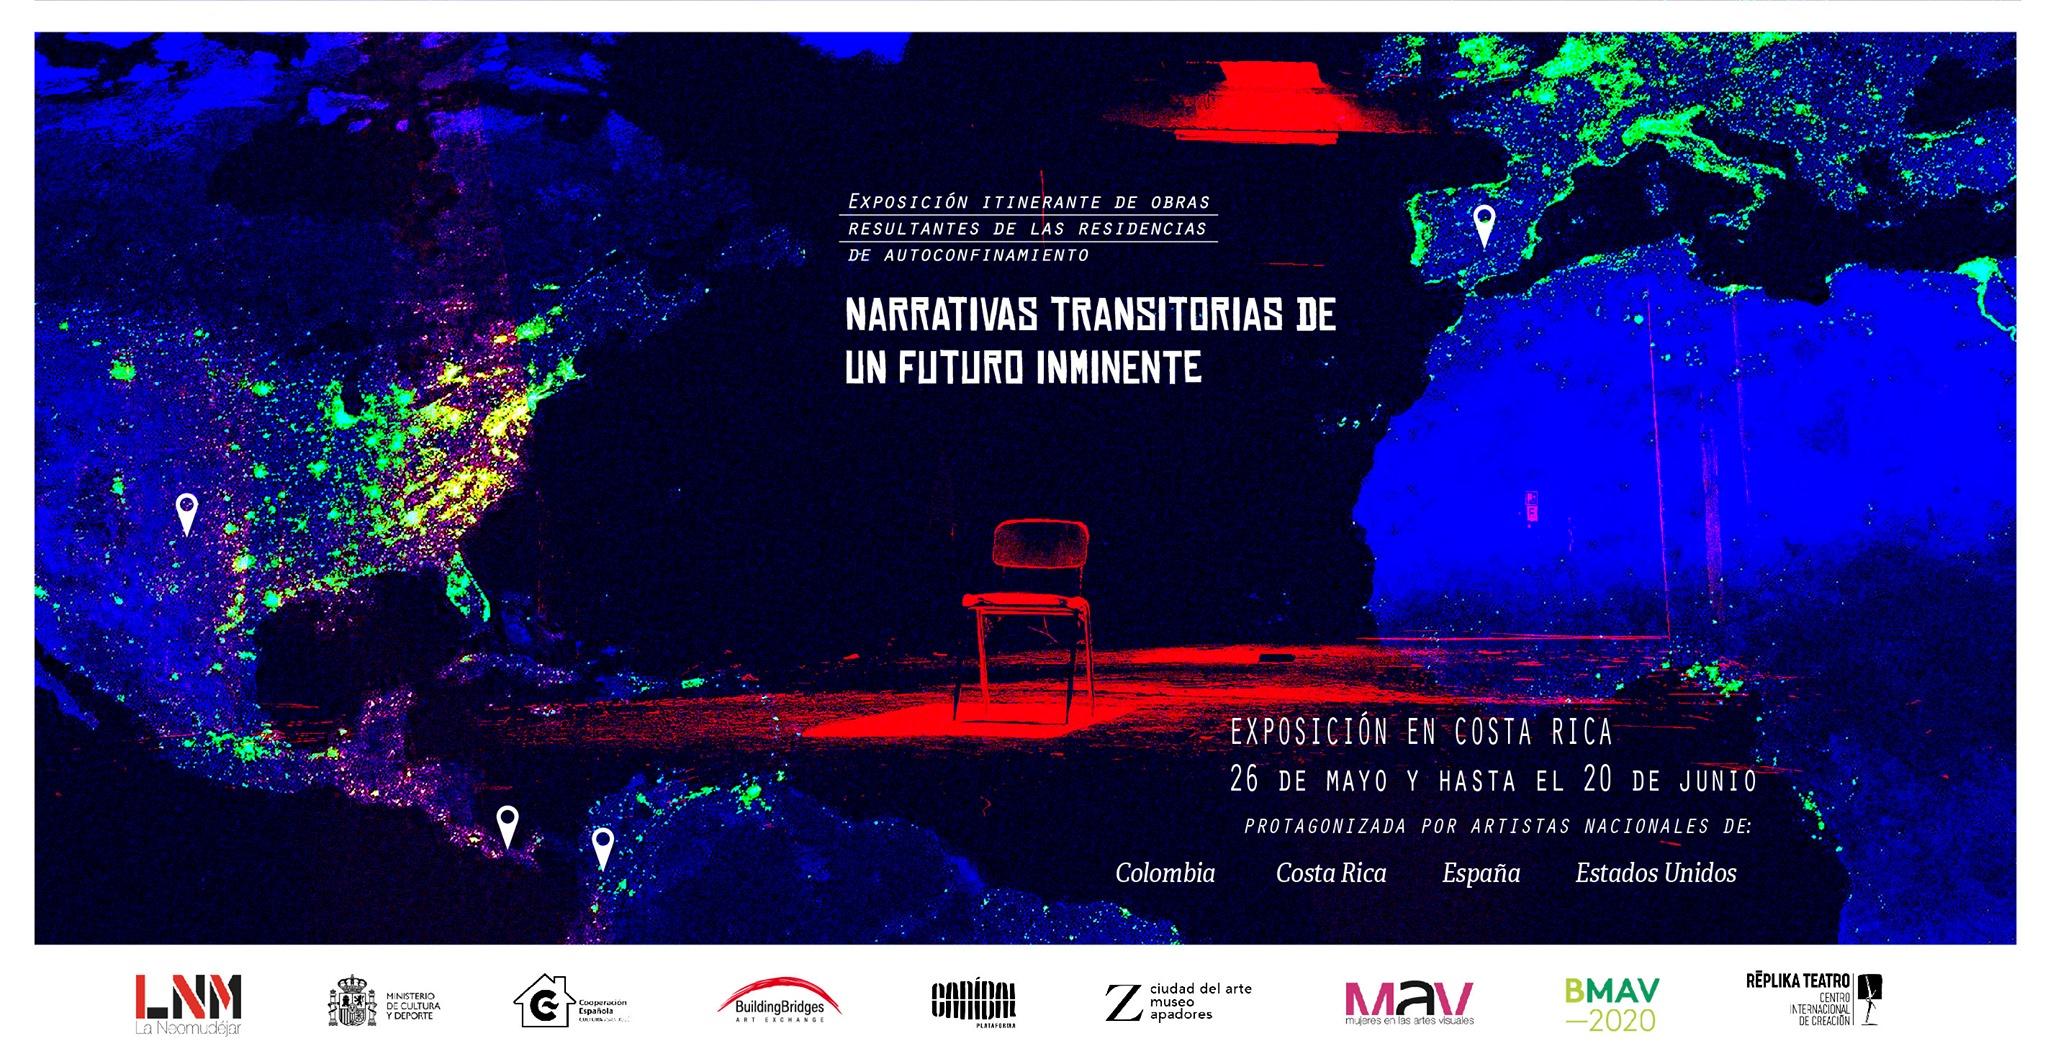 Inauguración Exposición - Narrativas Transitorias de un Futuro Inminente